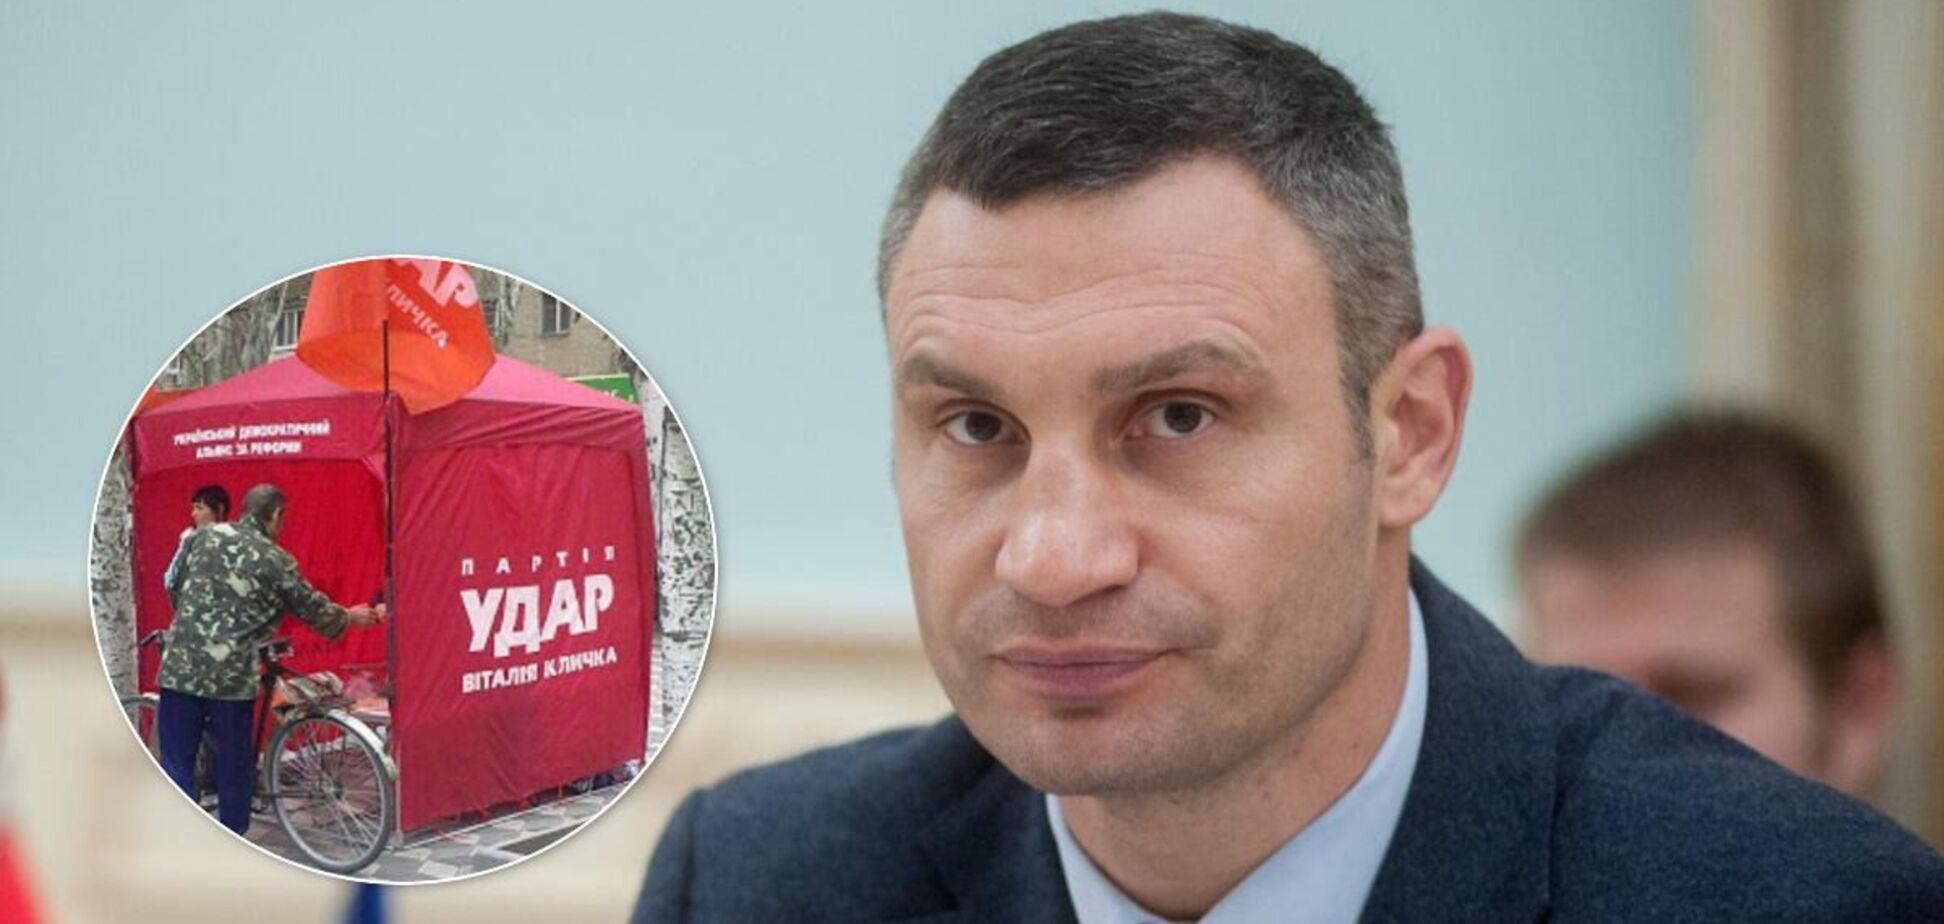 Волонтера партії УДАР поранили в Києві